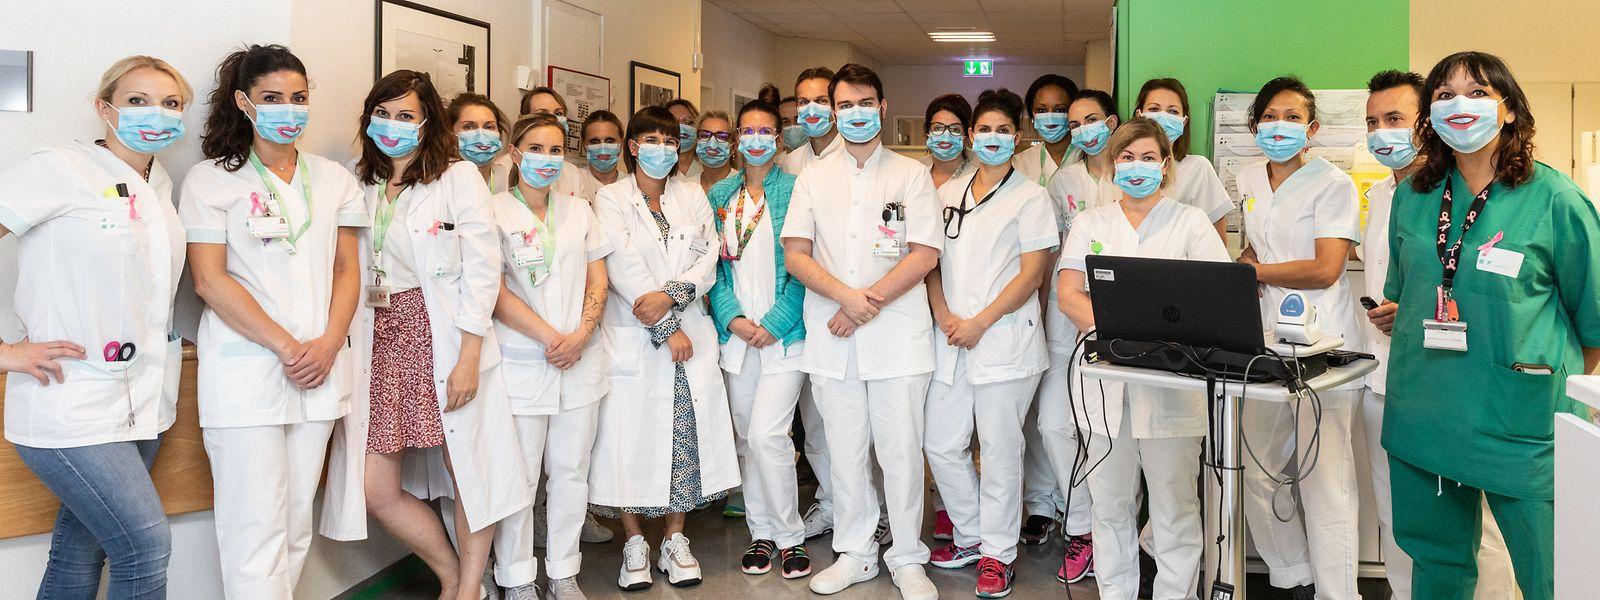 Die Pfleger der onkologischen Station des CHL haben von Laura da Silva (links in Grün) eine Maske mit einem Lächeln erhalten.